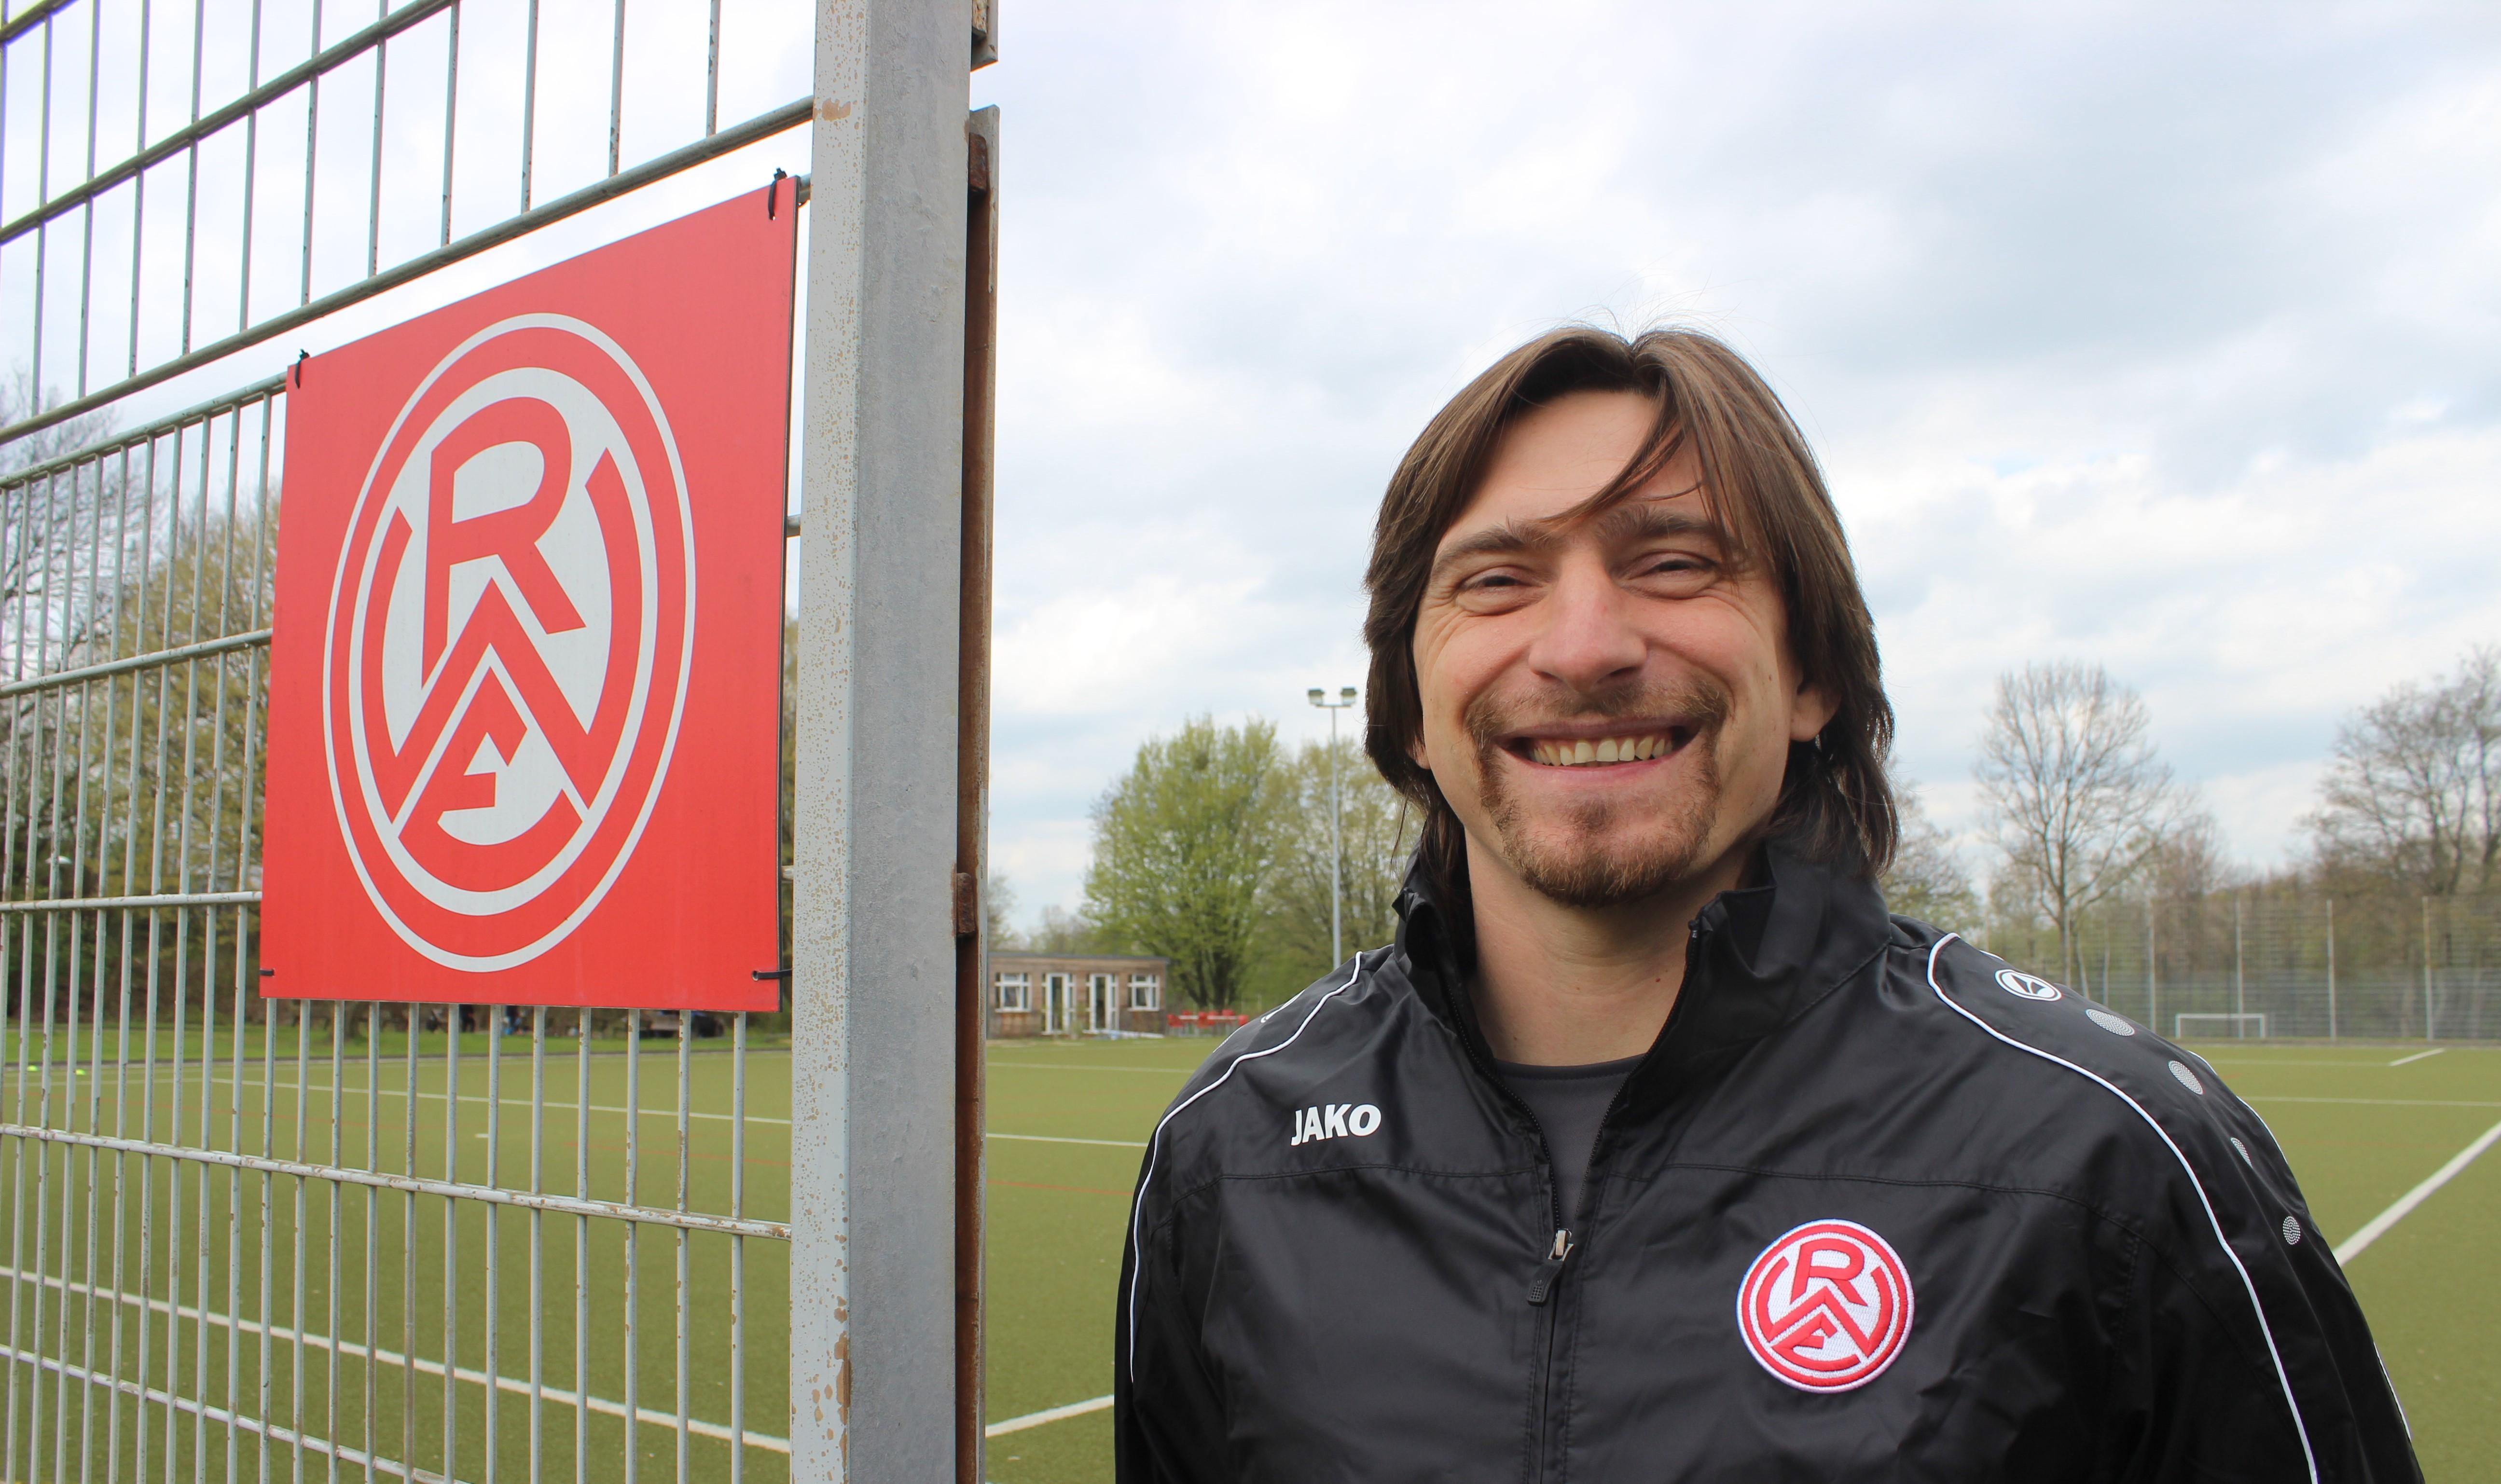 Ab Sommer ist Vincent Wagner U19-Trainer an der Seumannstraße. (Foto: Poerting)